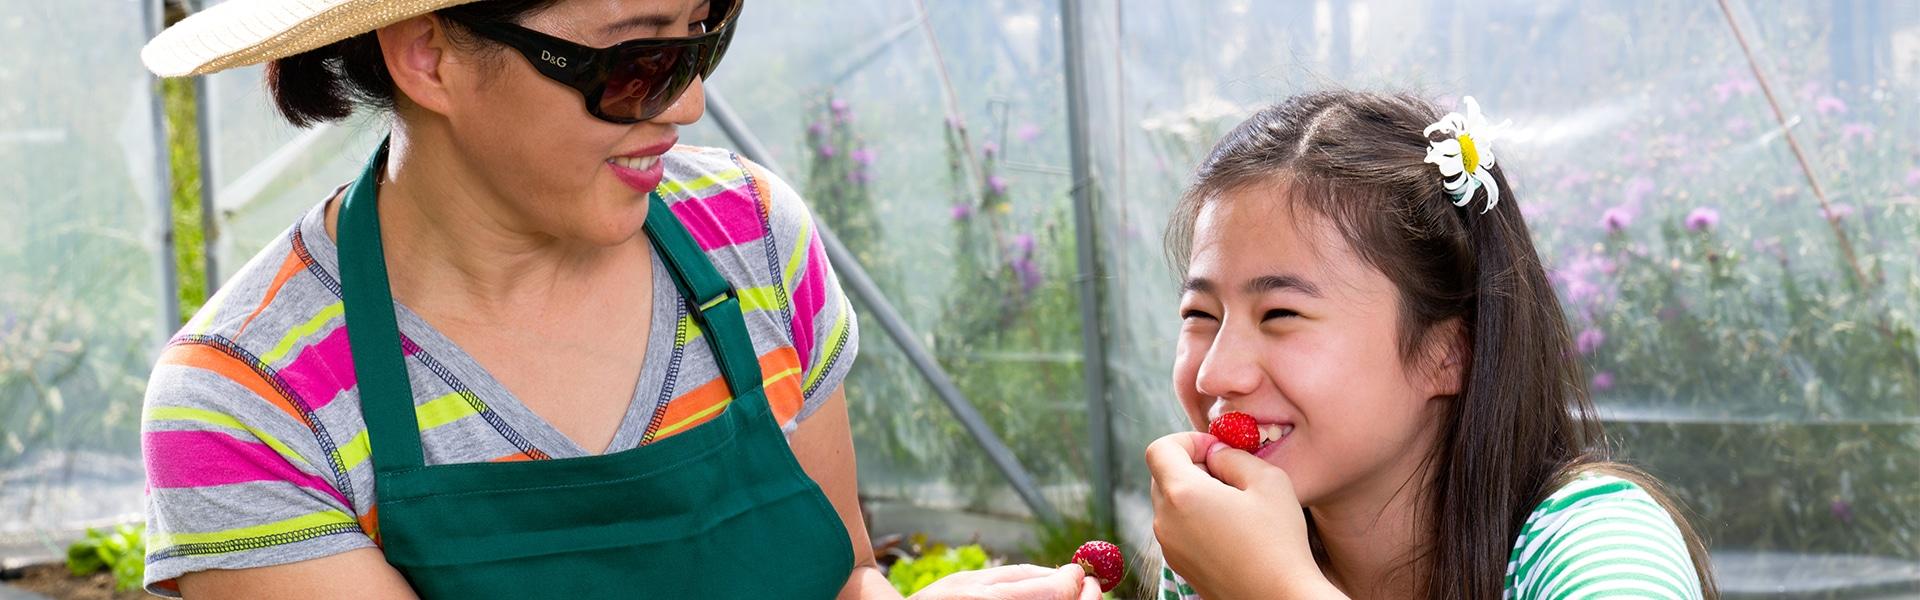 Mutter und Tochter essen Erdbeeren